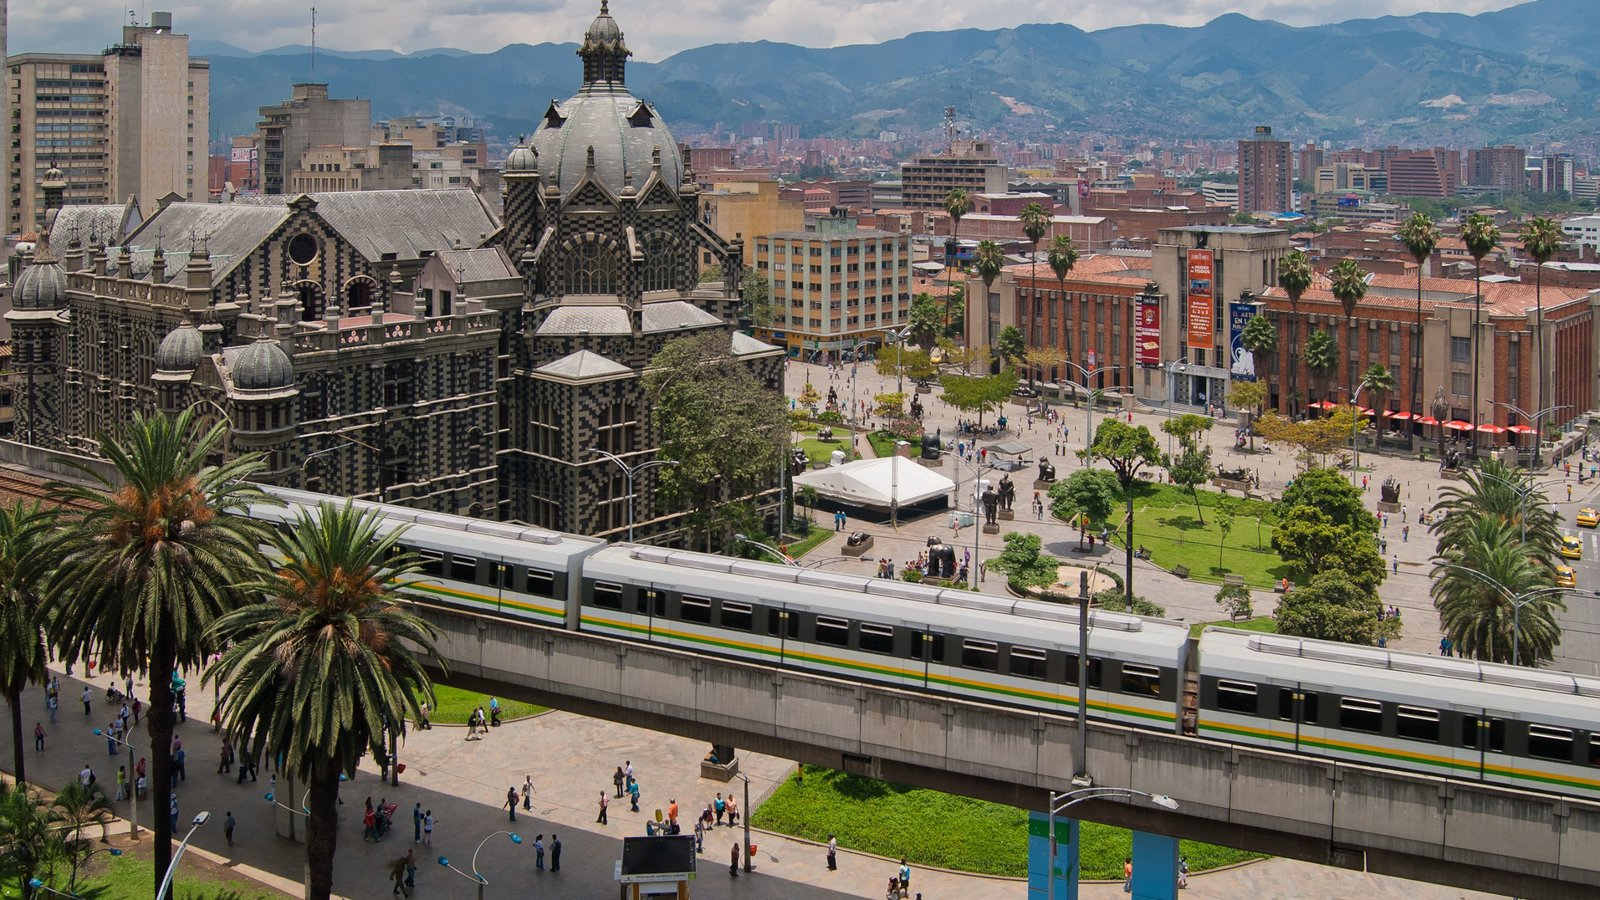 Medellín que inclui itens de ferrovia, arquitetura de patrimônio e uma cidade